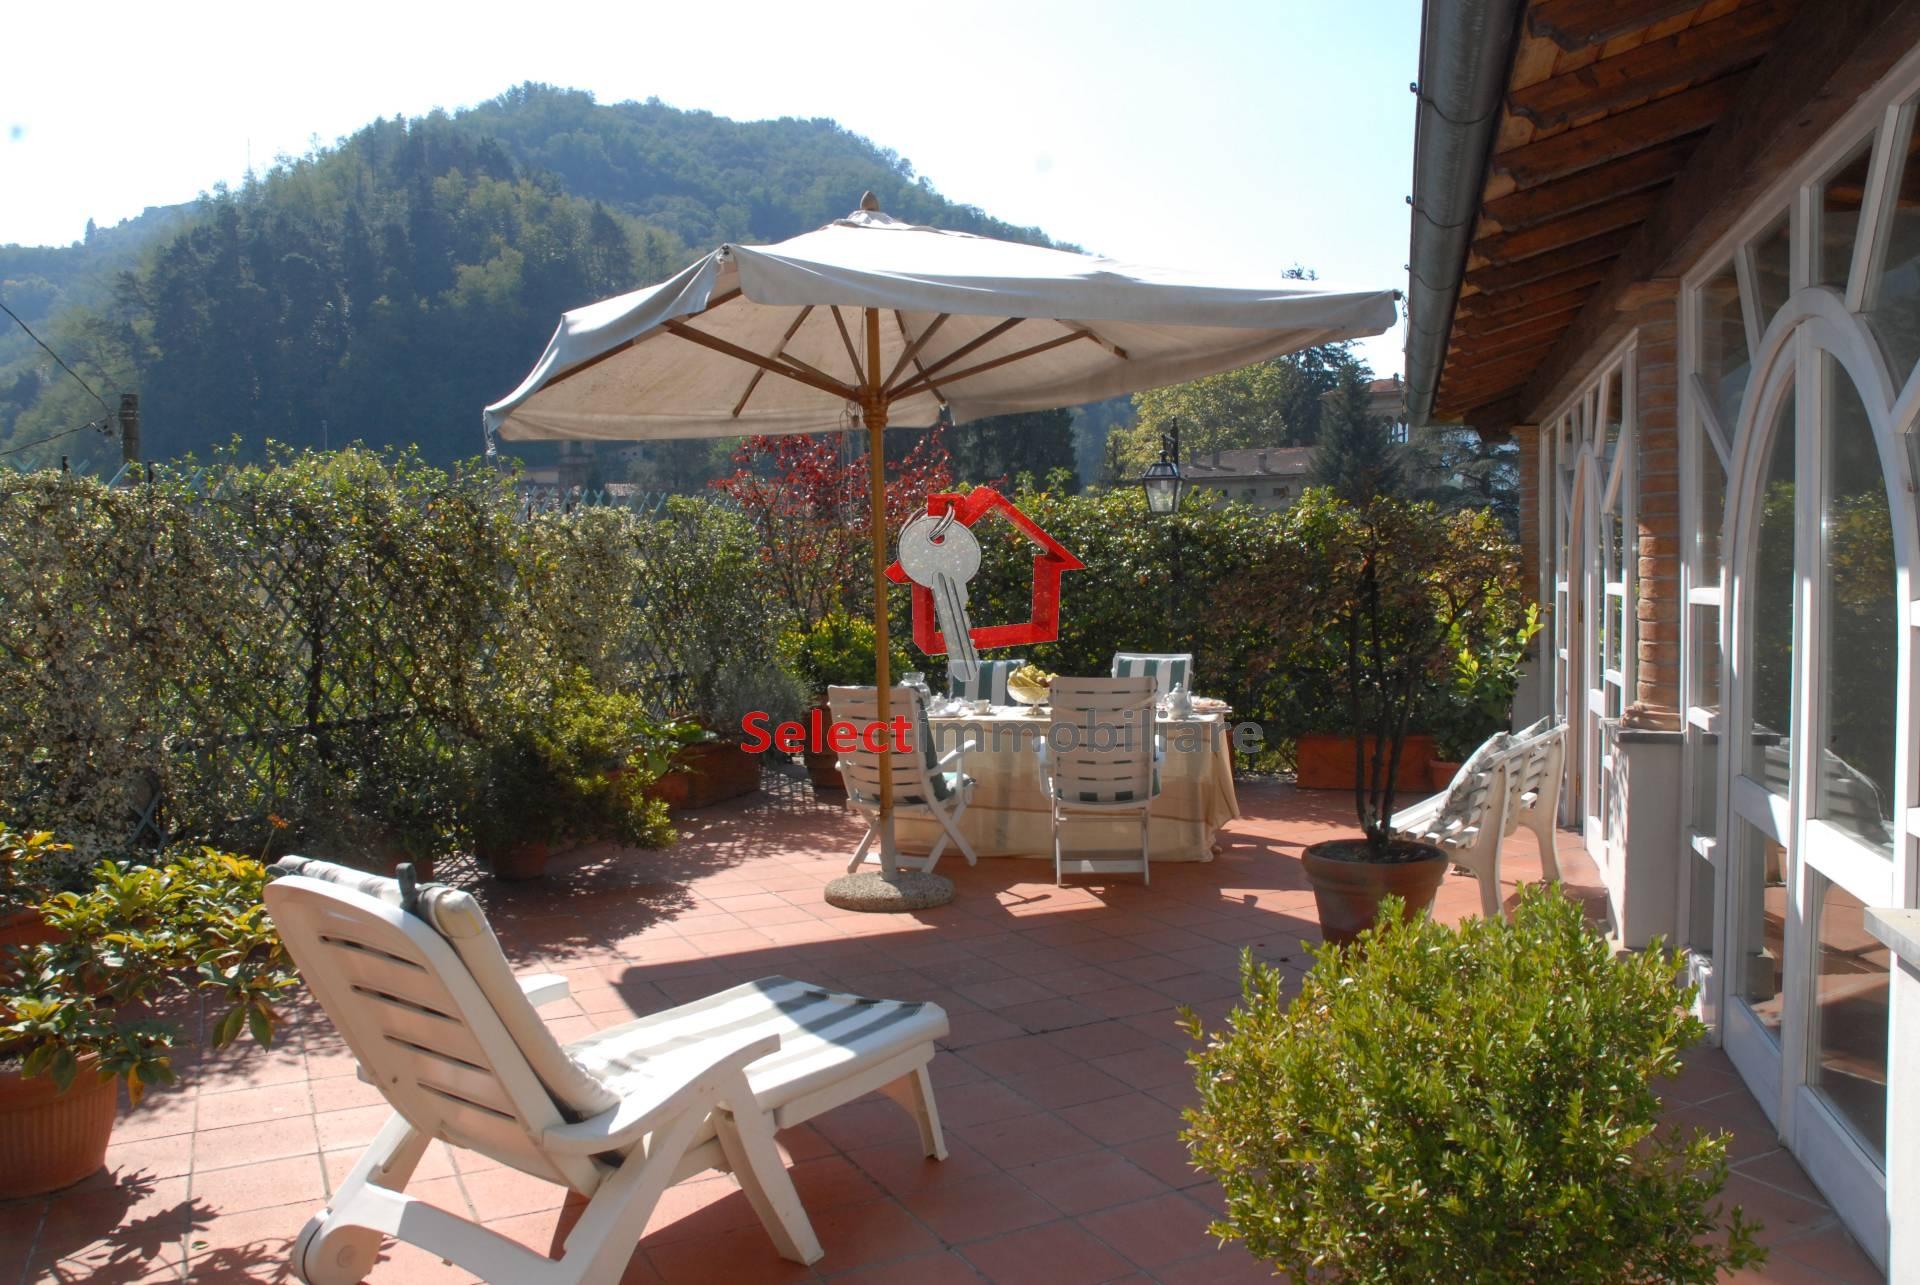 Appartamento in vendita a Bagni di Lucca, 8 locali, zona Località: PonteaSerraglio, prezzo € 300.000 | CambioCasa.it